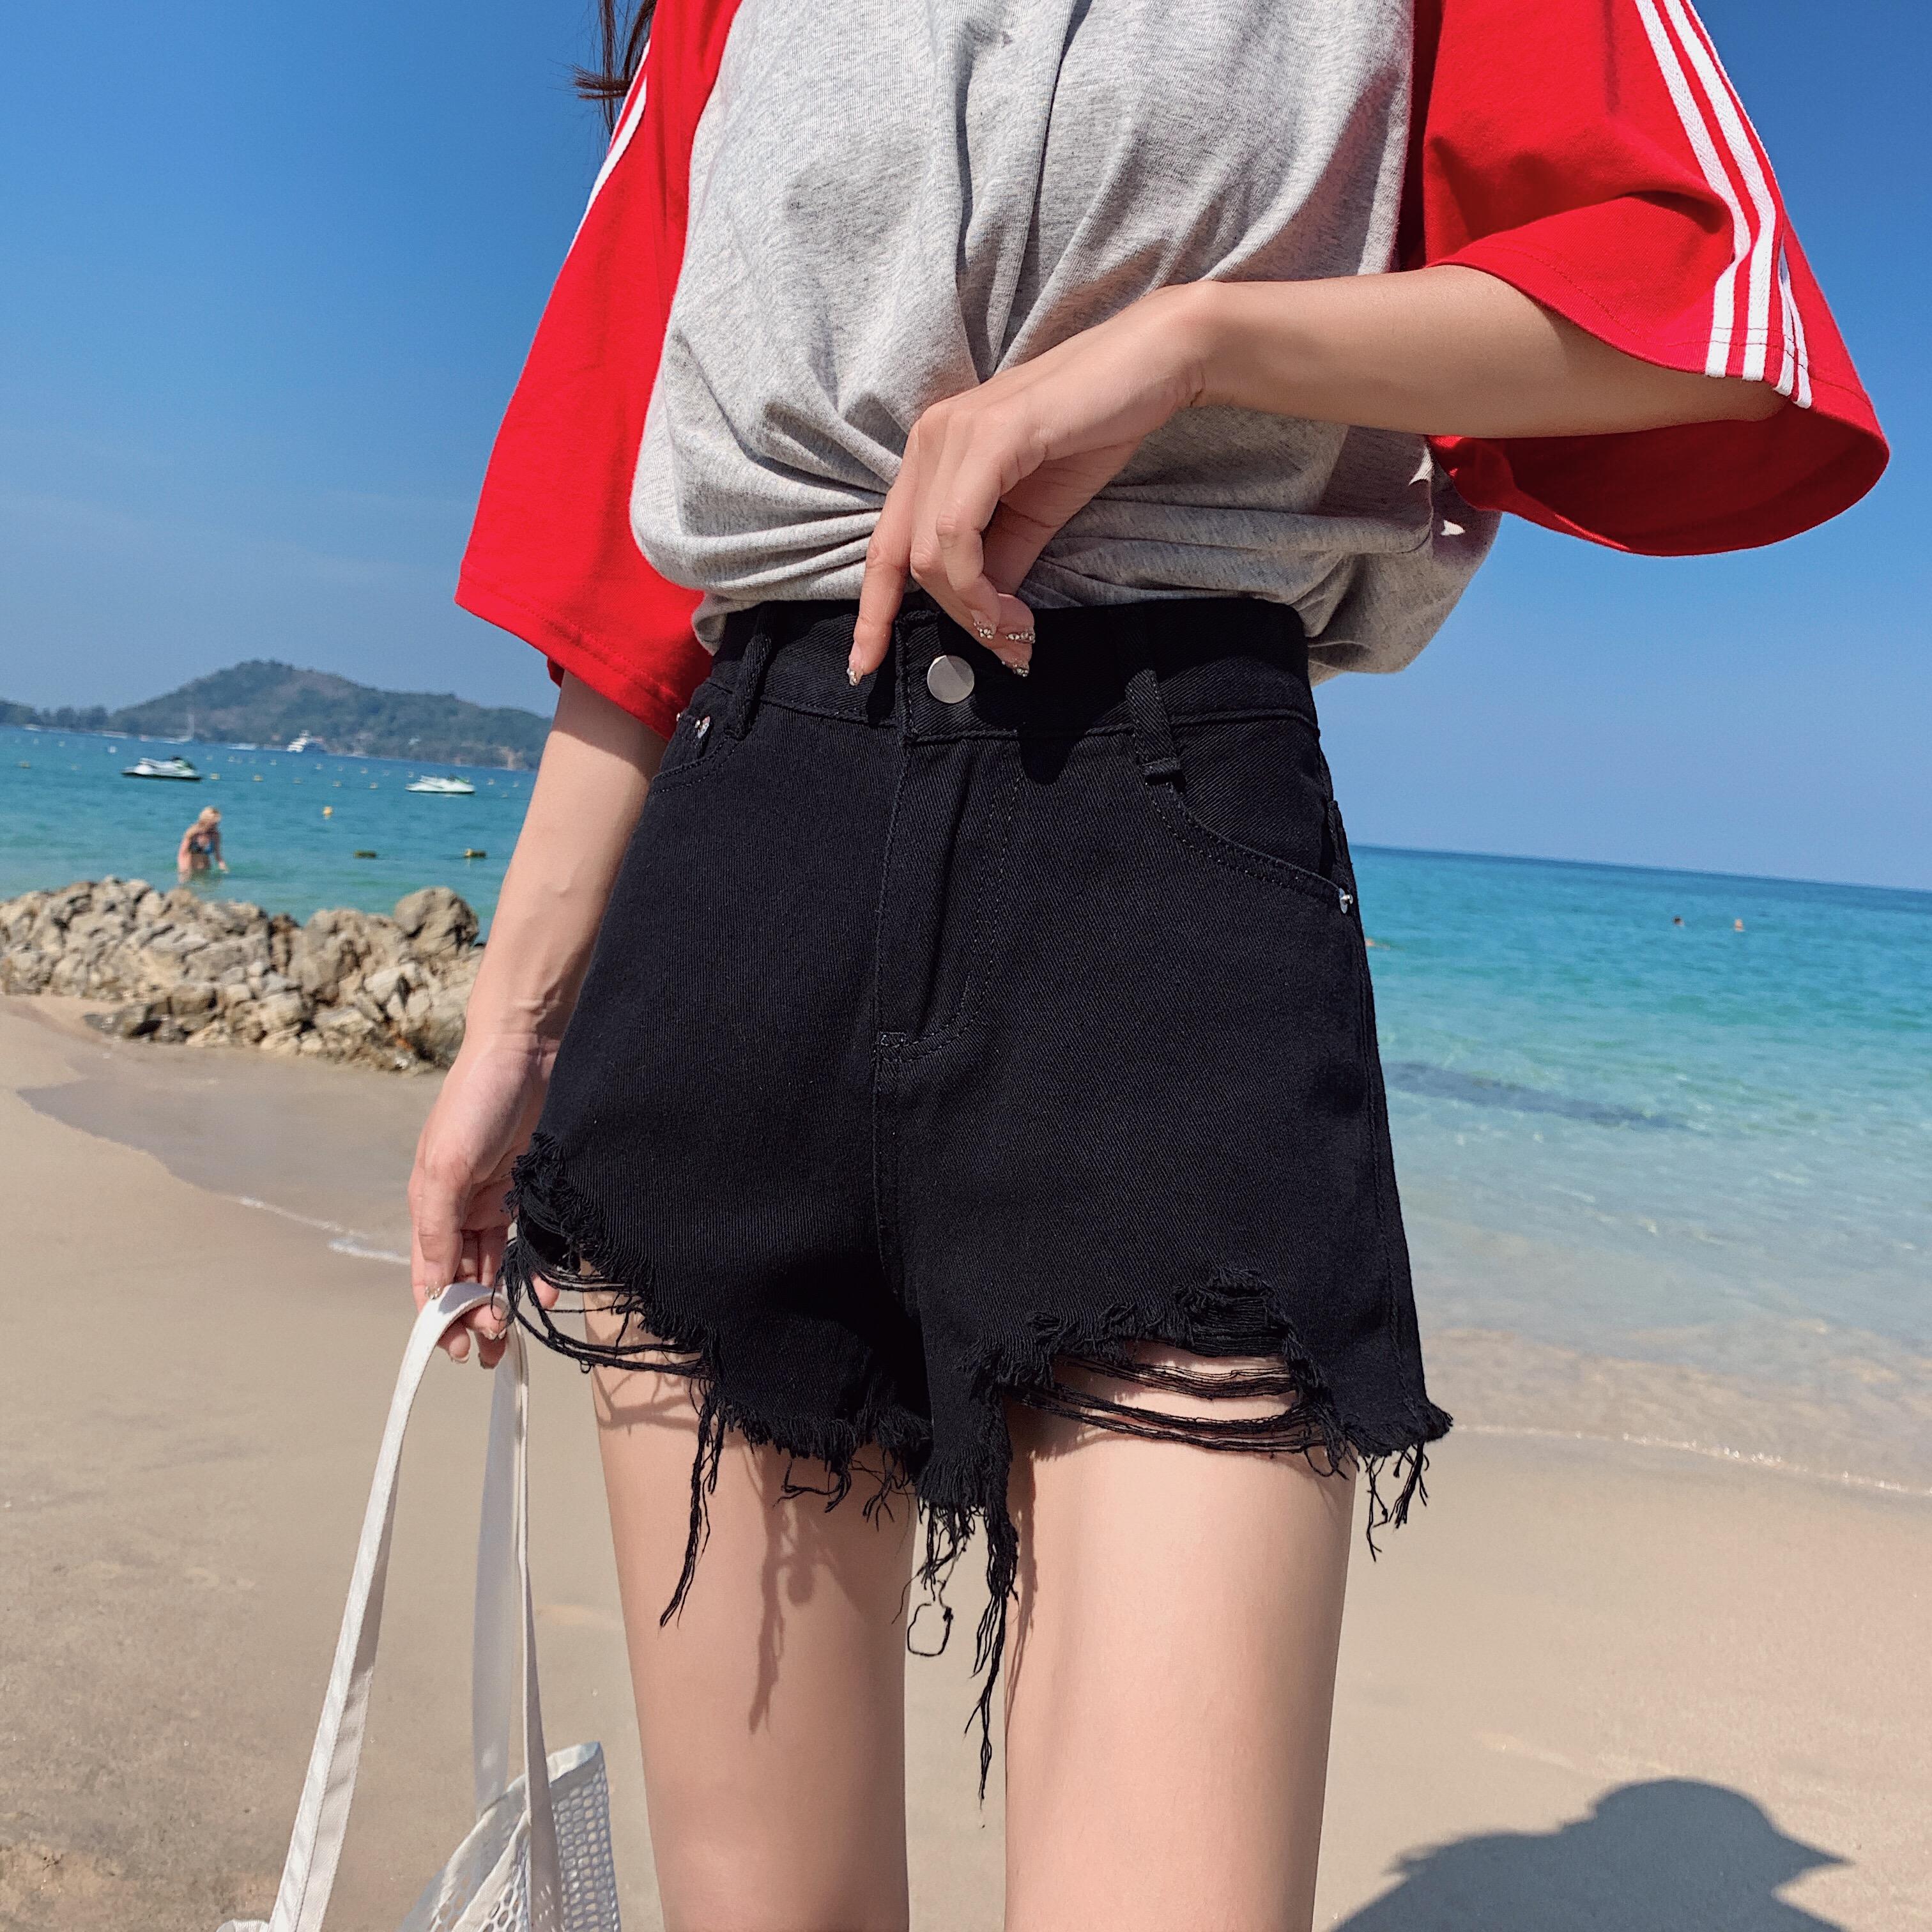 春季a字1浅色牛仔短裤女夏款宽松高腰超短裤阔腿热701P25 限价49